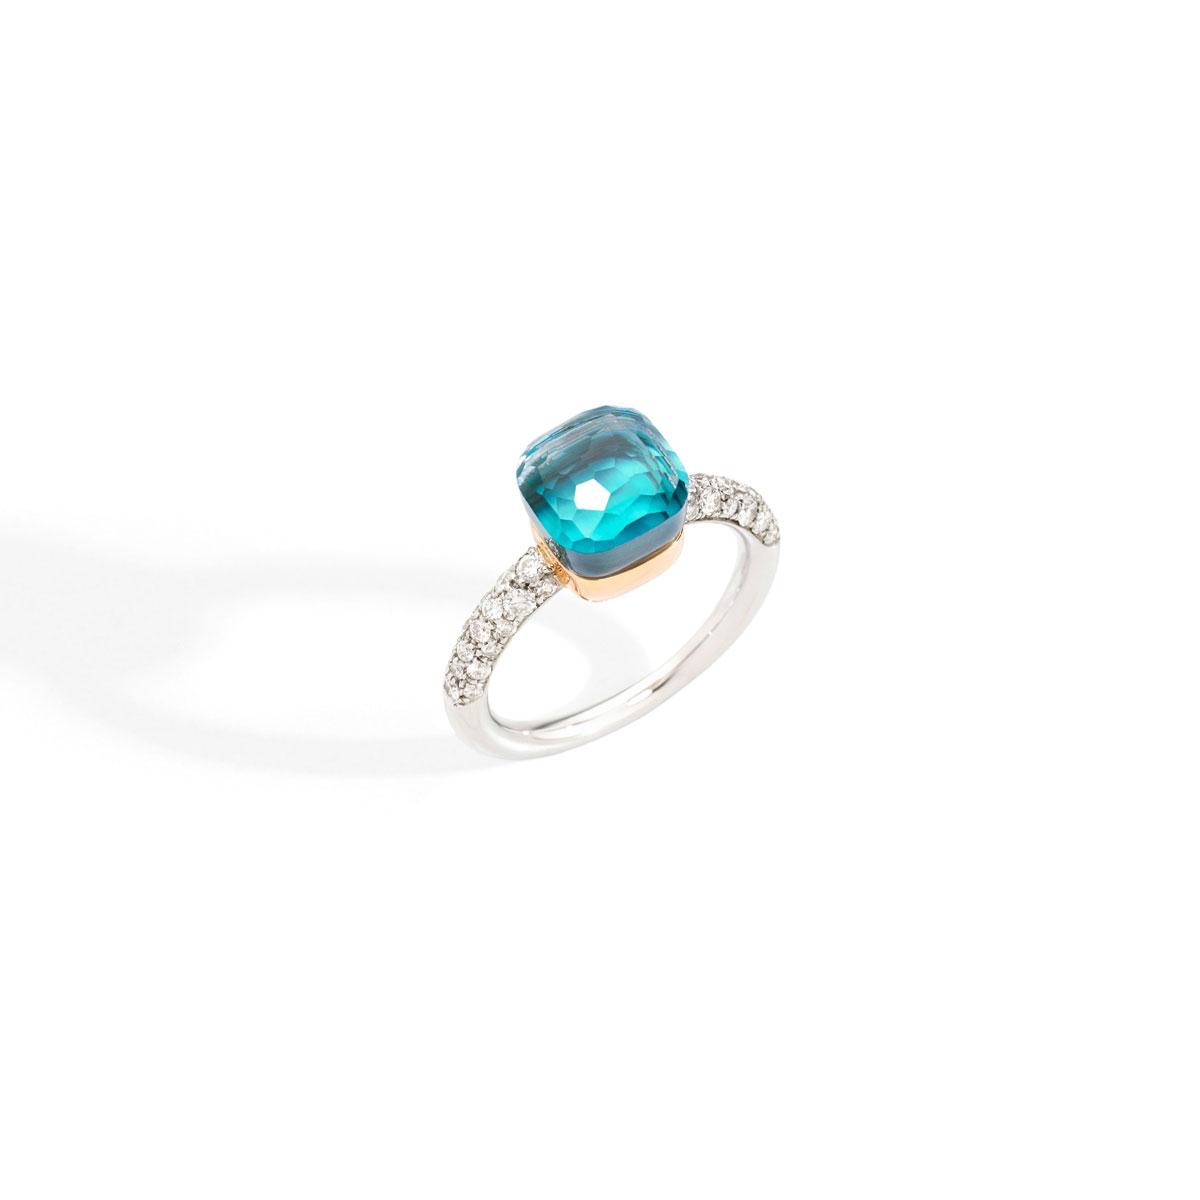 リング〈WG、RG、ロンドンブルートパーズ、ダイヤモンド〉¥430,000